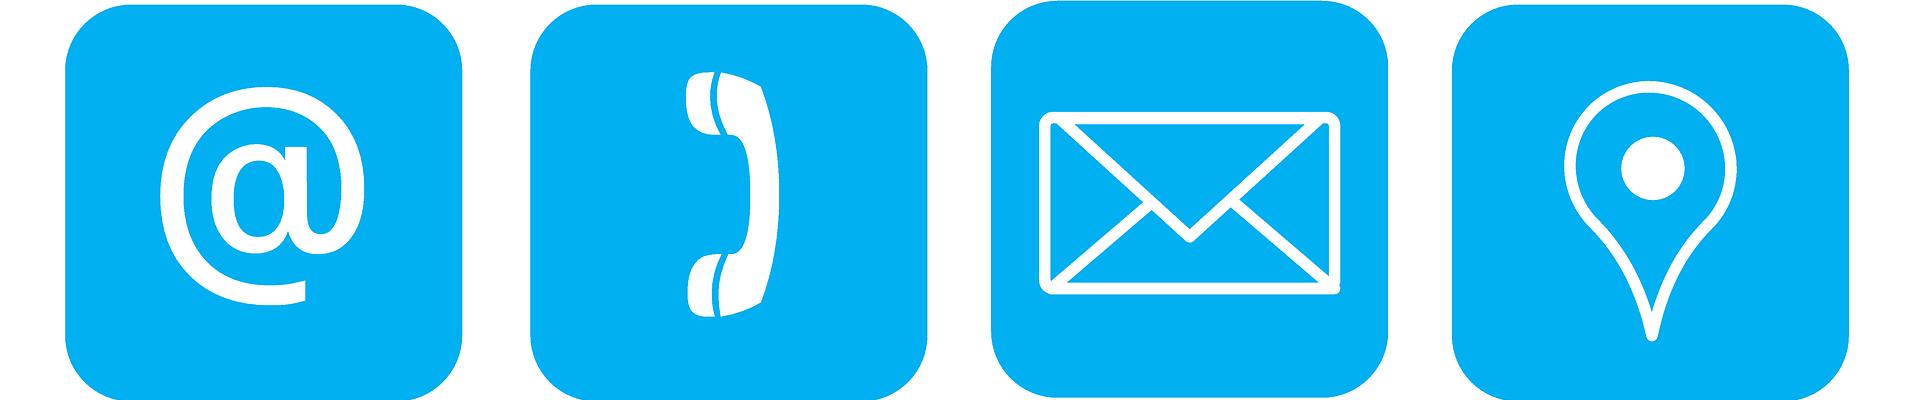 Mail, Telefon, Anschrift, Map